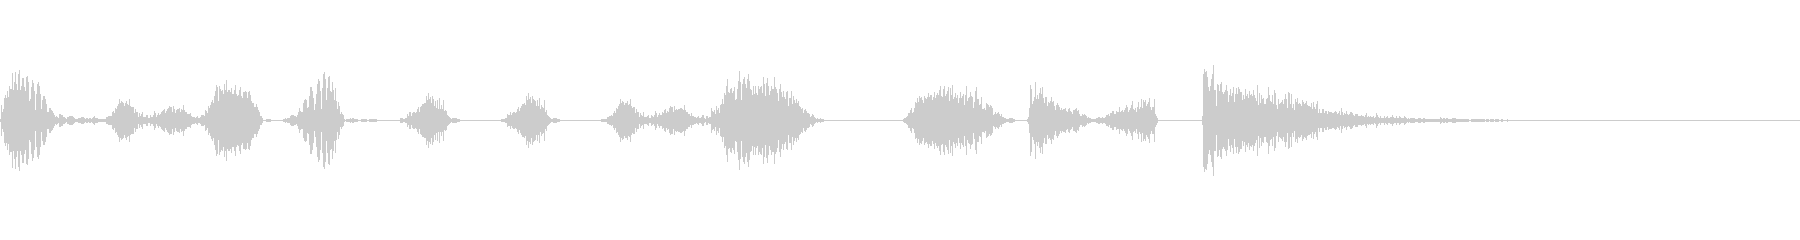 DJのスクラッチ フレーズの未再生の波形